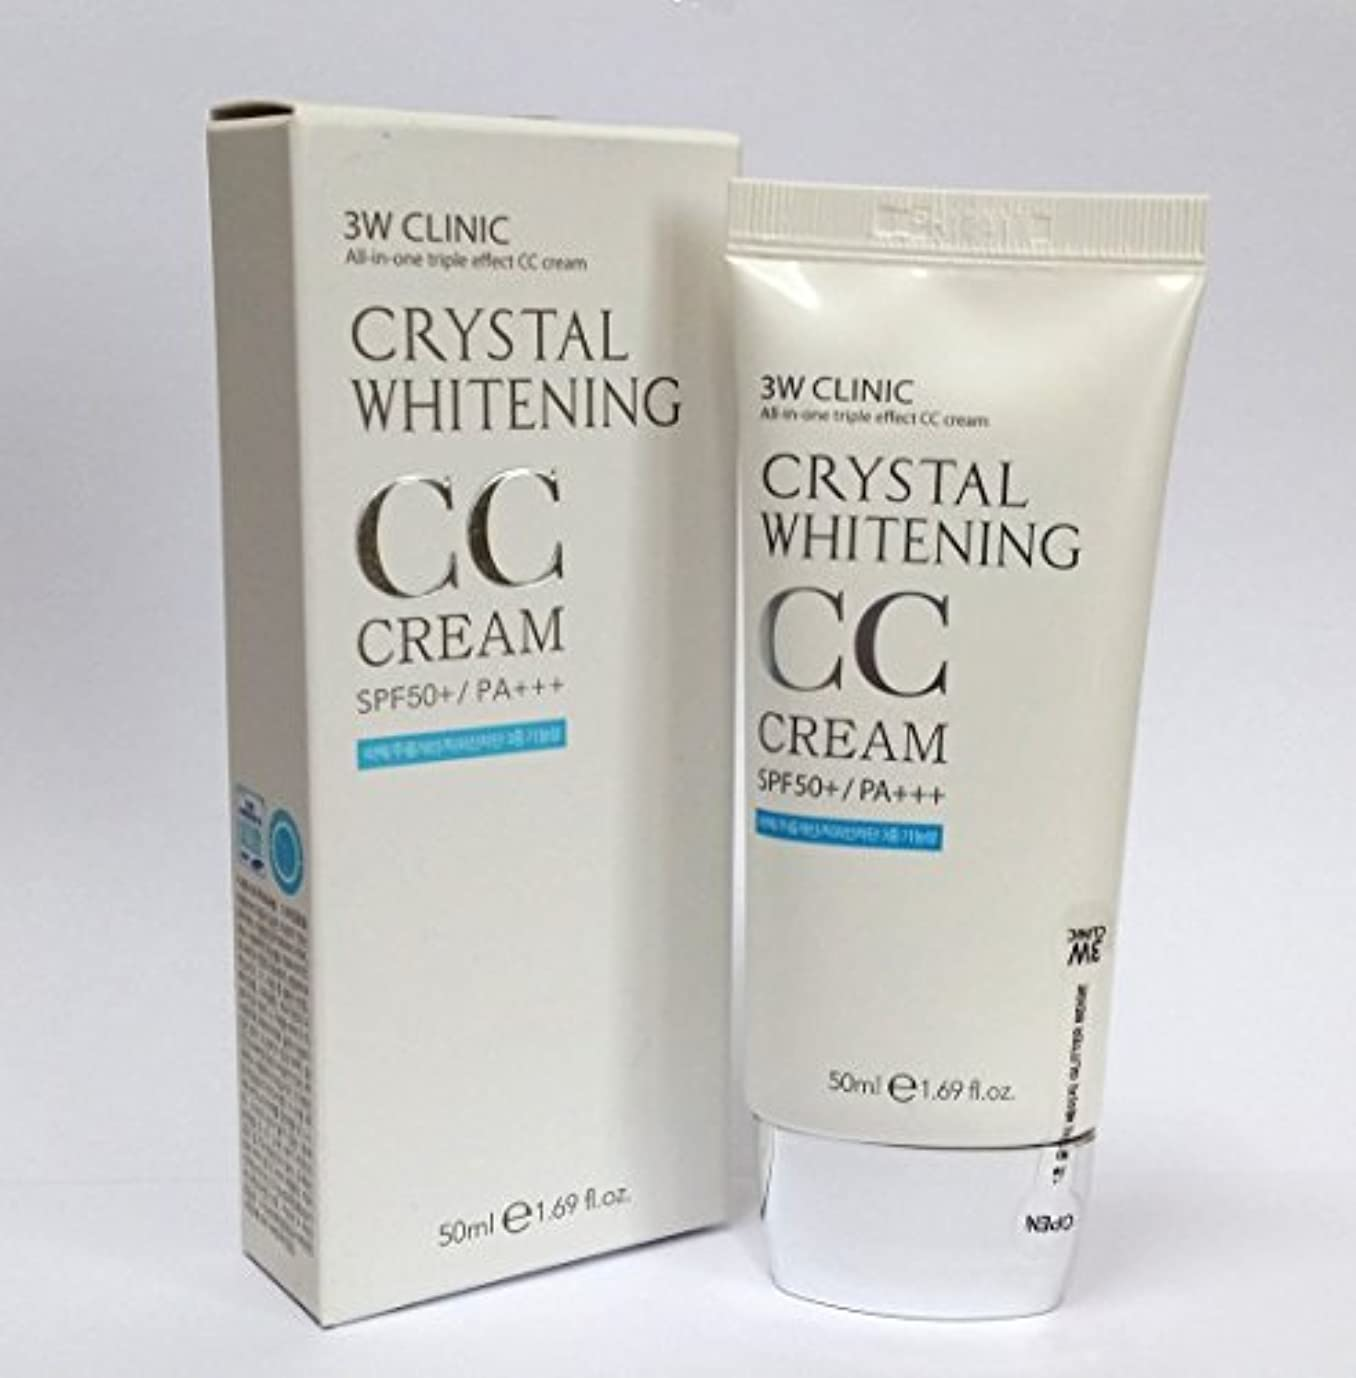 船尾子猫呼びかける[3W CLINIC] クリスタルホワイトニングCCクリーム50ml SPF50 PA +++ / #02 Natural Beige / Crystal Whitening CC Cream 50ml SPF50 PA...